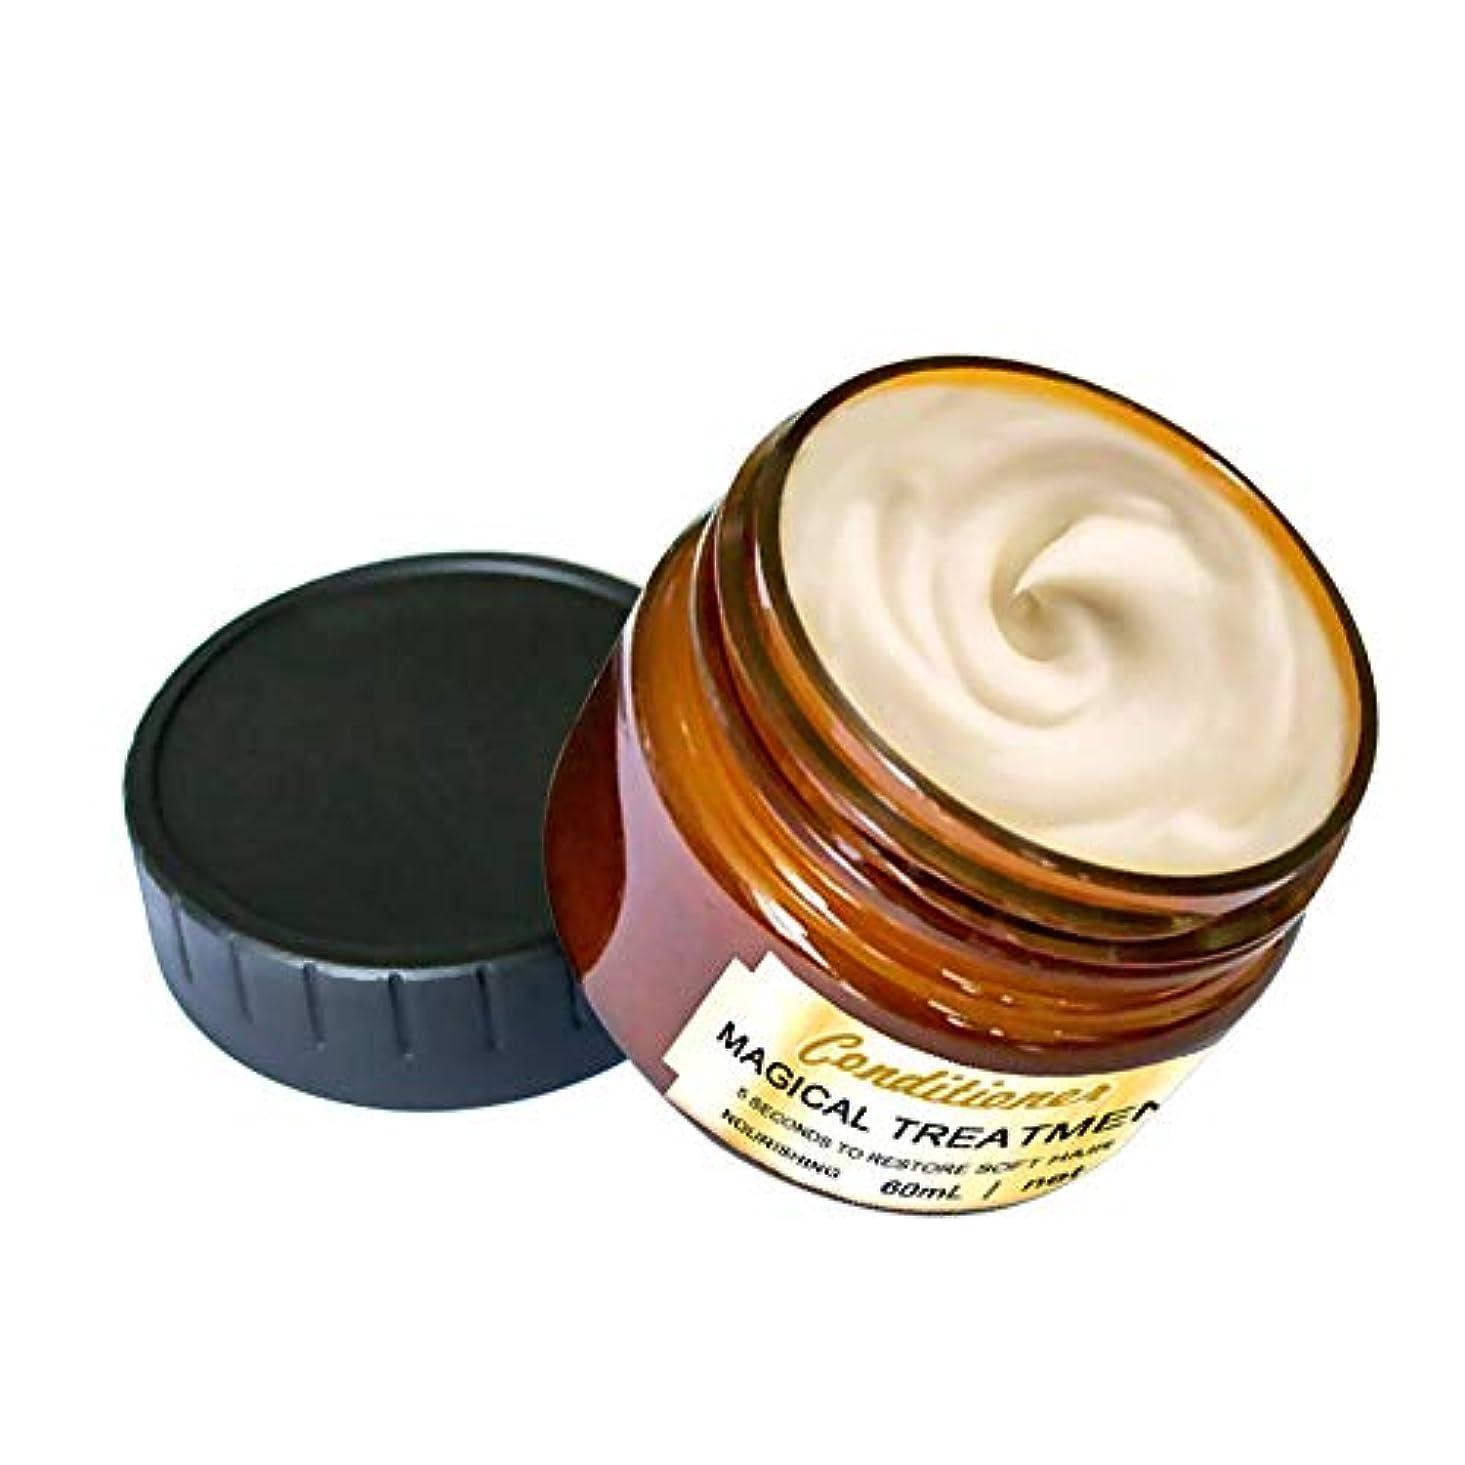 贈り物申込み選ぶコンディショナー ヘアケアコンディショナー ヘアデトキシファイングヘアマスク 高度な分子 毛根治療の回復 乾燥または損傷した髪と頭皮の治療のための髪の滑らかなしなやか (A 60 ml)